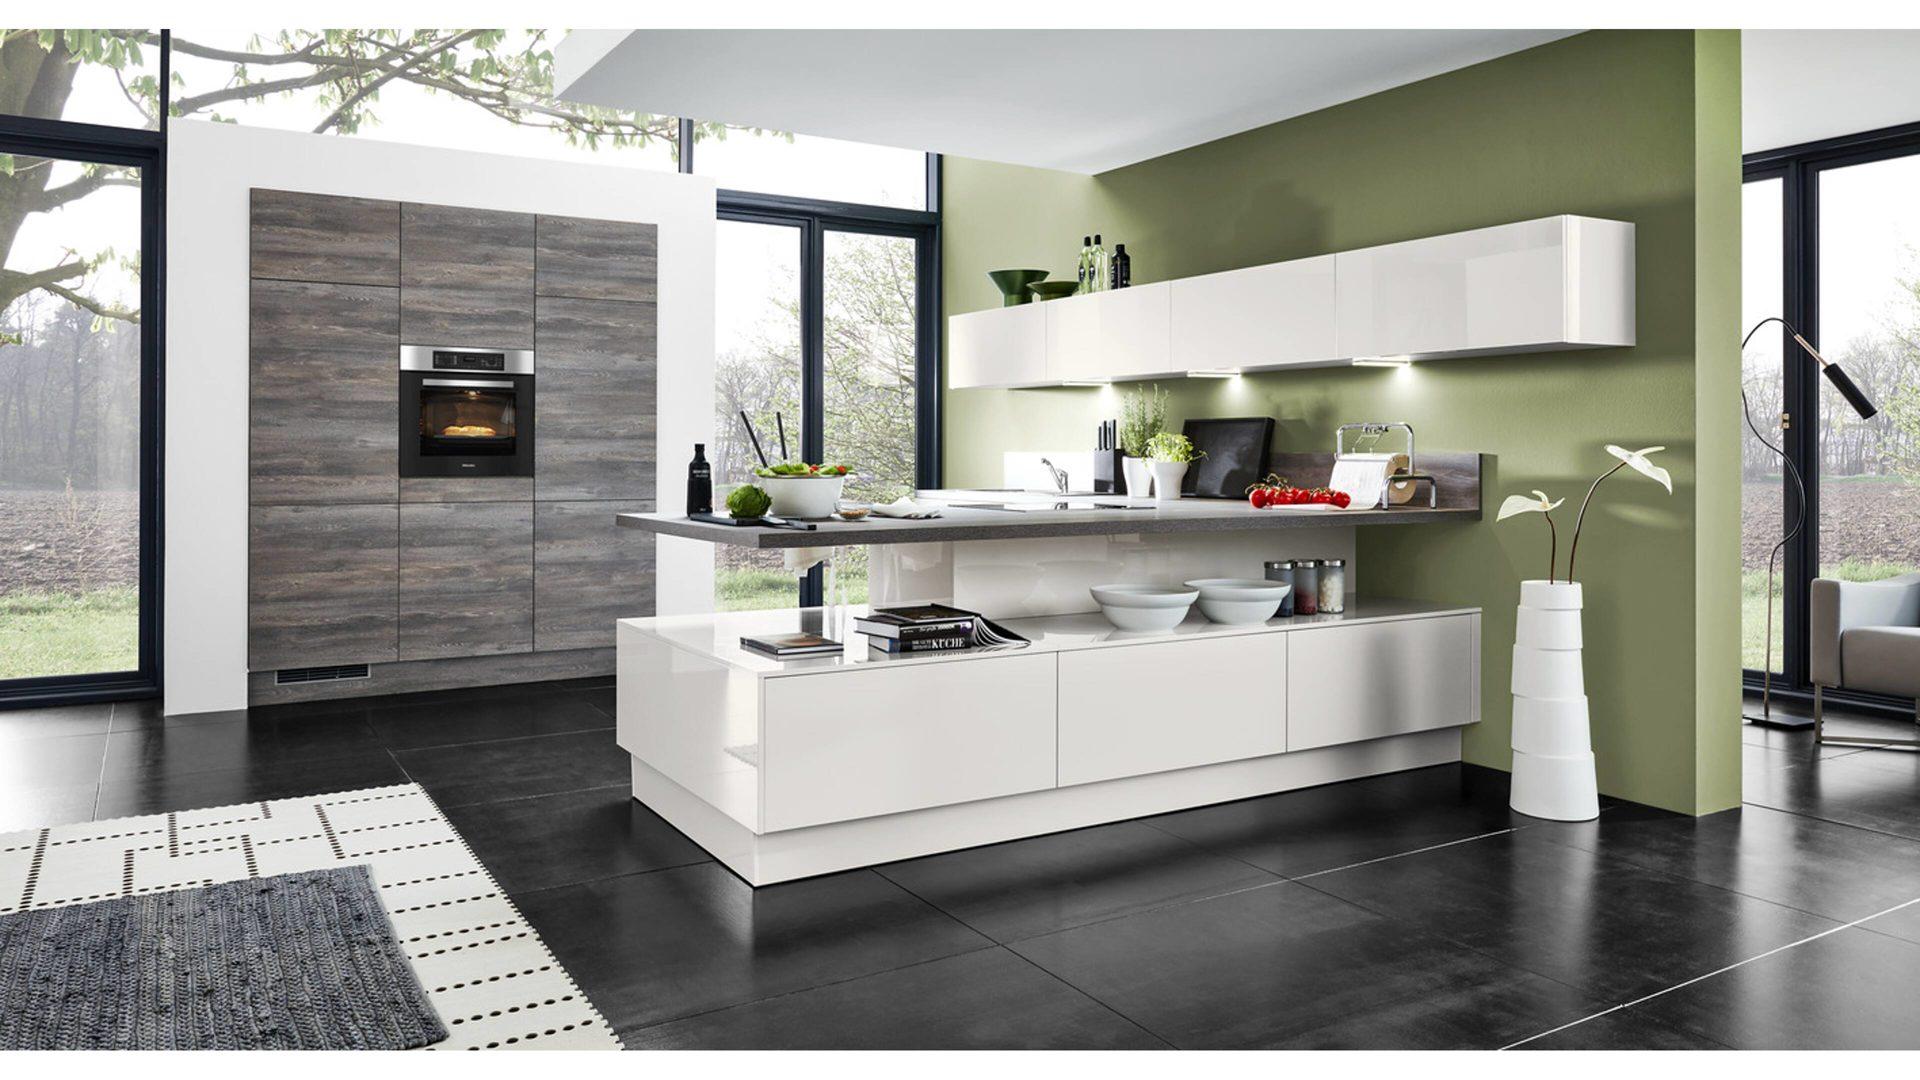 Outdoor Küche Mit Zapfanlage : Outdoor küche einbaugeräte moderne modulare edelstahl kuche